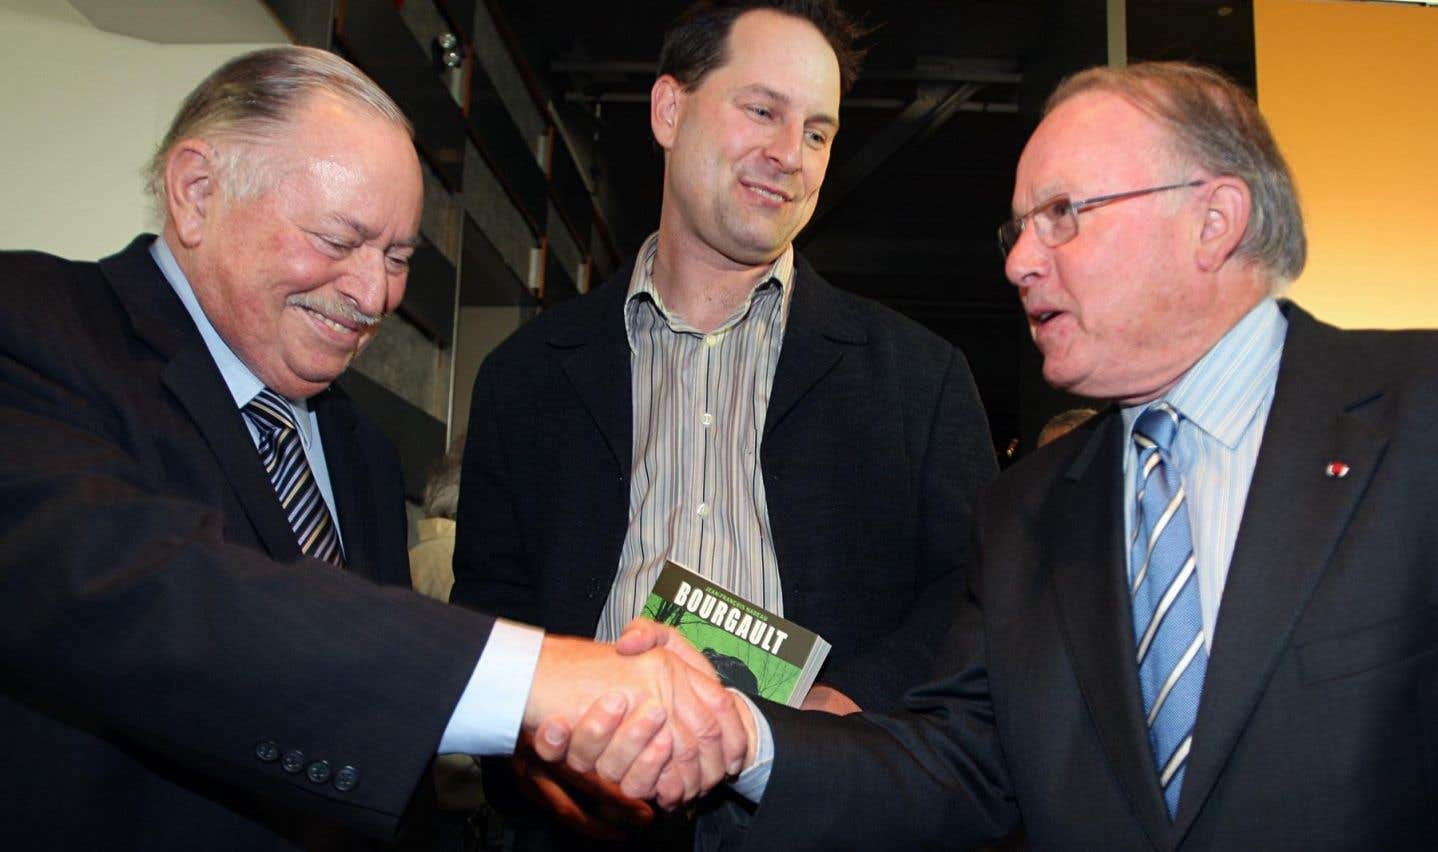 Bernard Landry serre la main de son prédécesseur Jacques Parizeau, le 7 septembre 2007, à l'occasion du lancement de la biographie de l'homme politique Pierre Bourgault rédigée par le journaliste du Devoir Jean-François Nadeau.